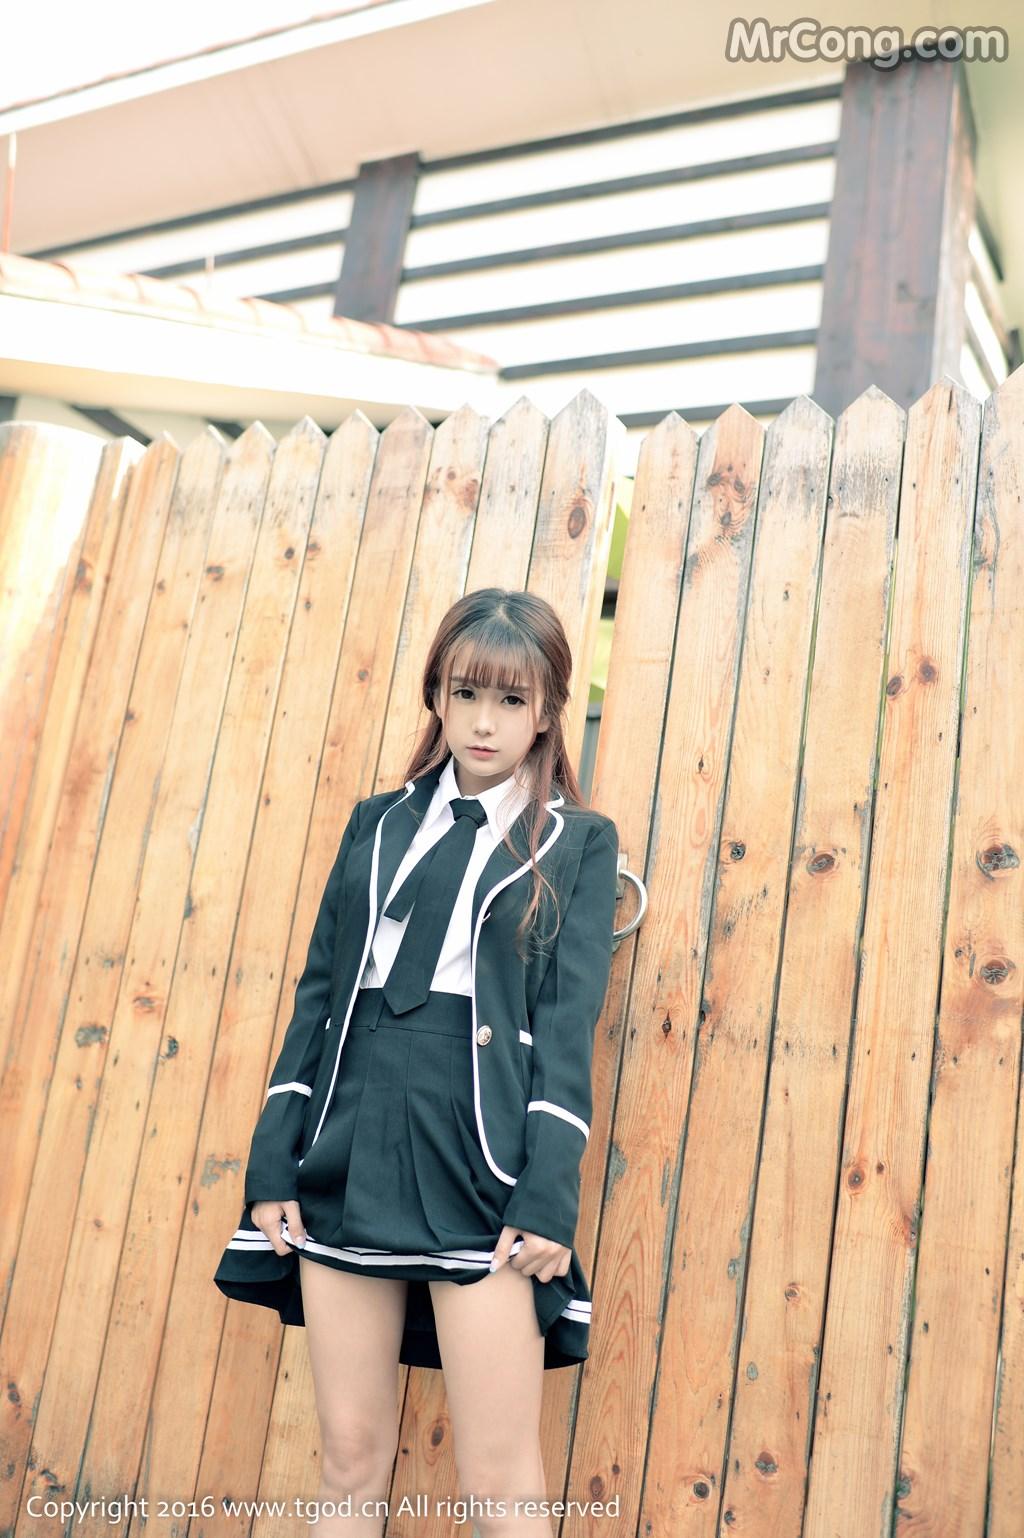 Image MrCong.com-TGOD-2016-02-03-Xiao-Jiu-Vin-009 in post TGOD 2016-02-03: Người mẫu Xiao Jiu Vin (小九Vin) (62 ảnh)